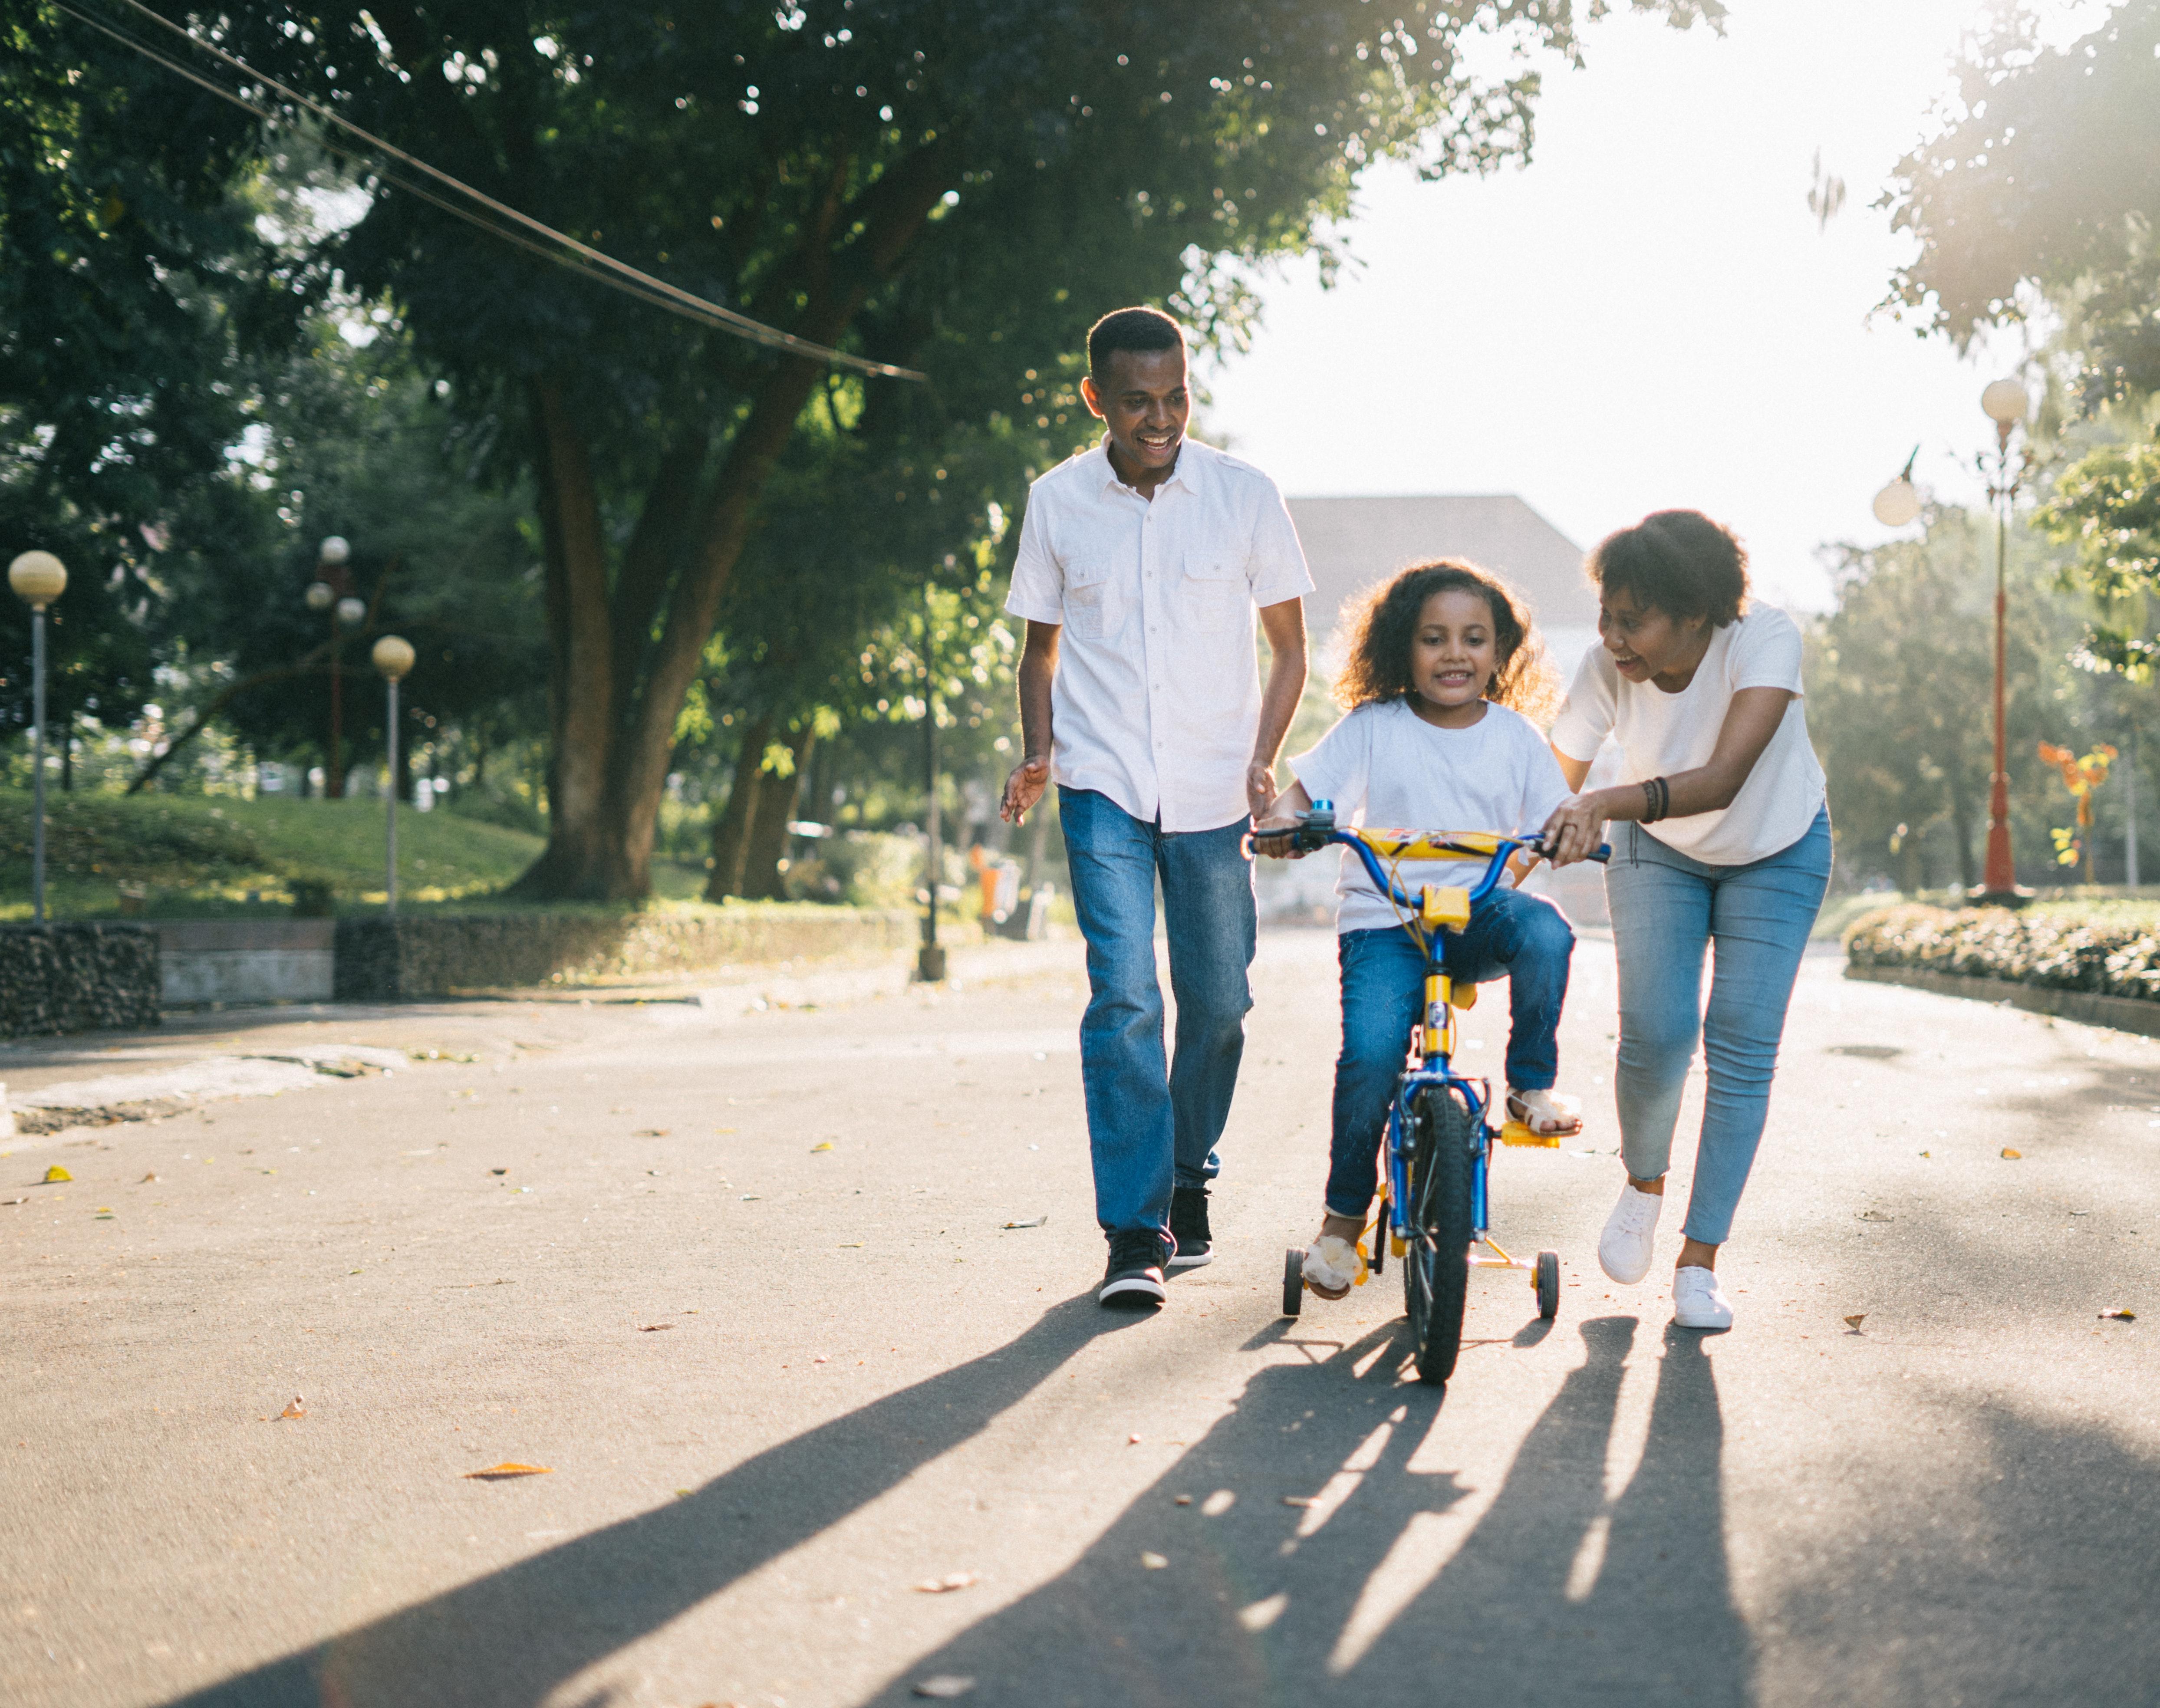 Kostenloses Foto zum Thema: beratung, bewegung, draußen